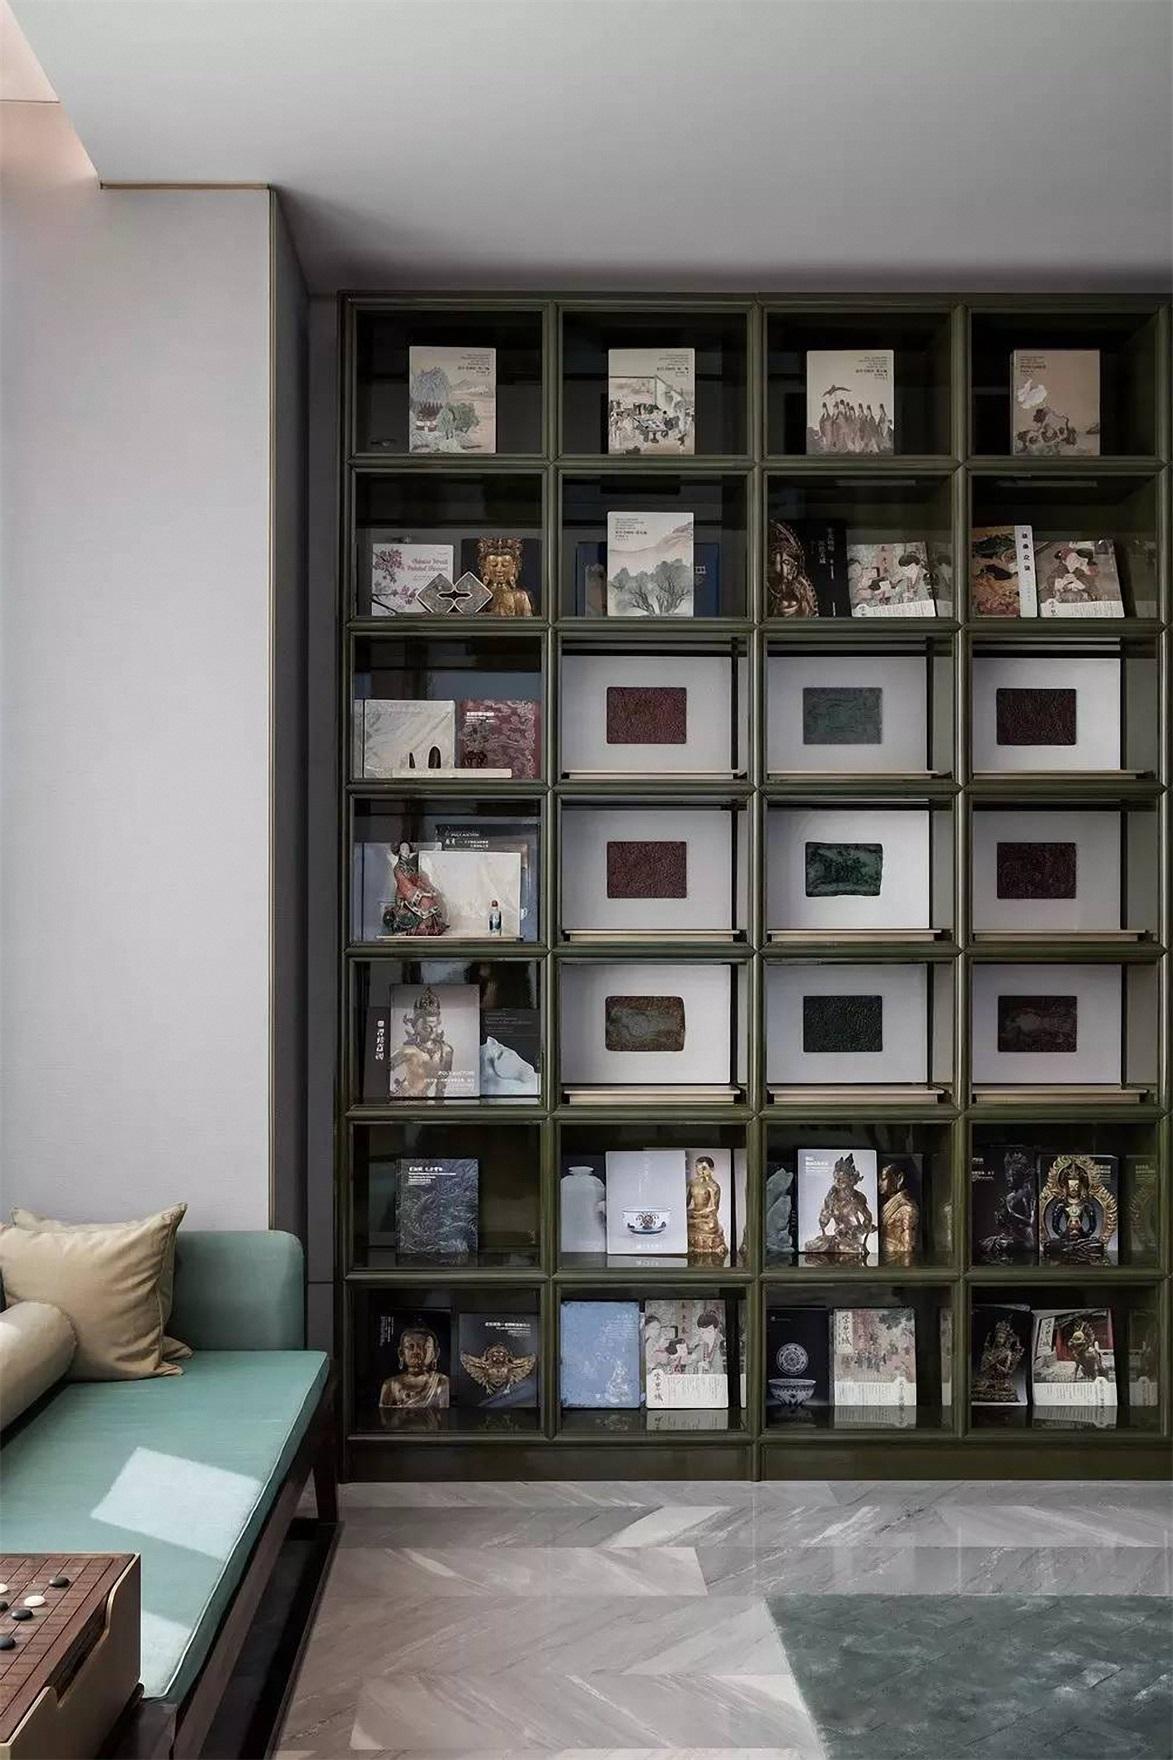 书柜分割均匀,使书房充满秩序,干净整洁,绿色长条休息椅,彰显了主人平和的生活态度。